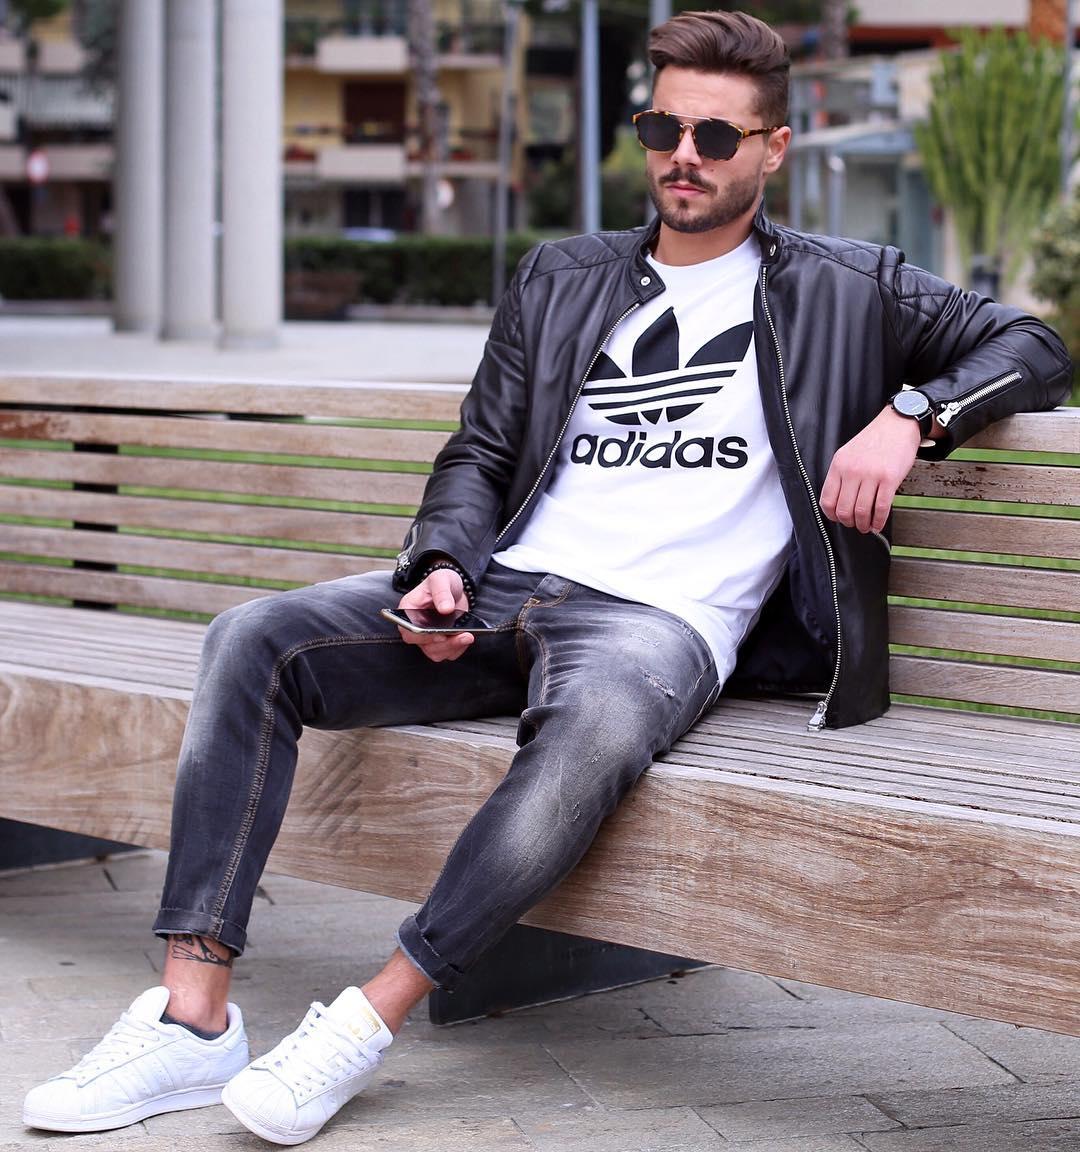 黒シングルライダース×白adidasロゴTシャツ×ブラックジーンズ×adidasスーパースター全白